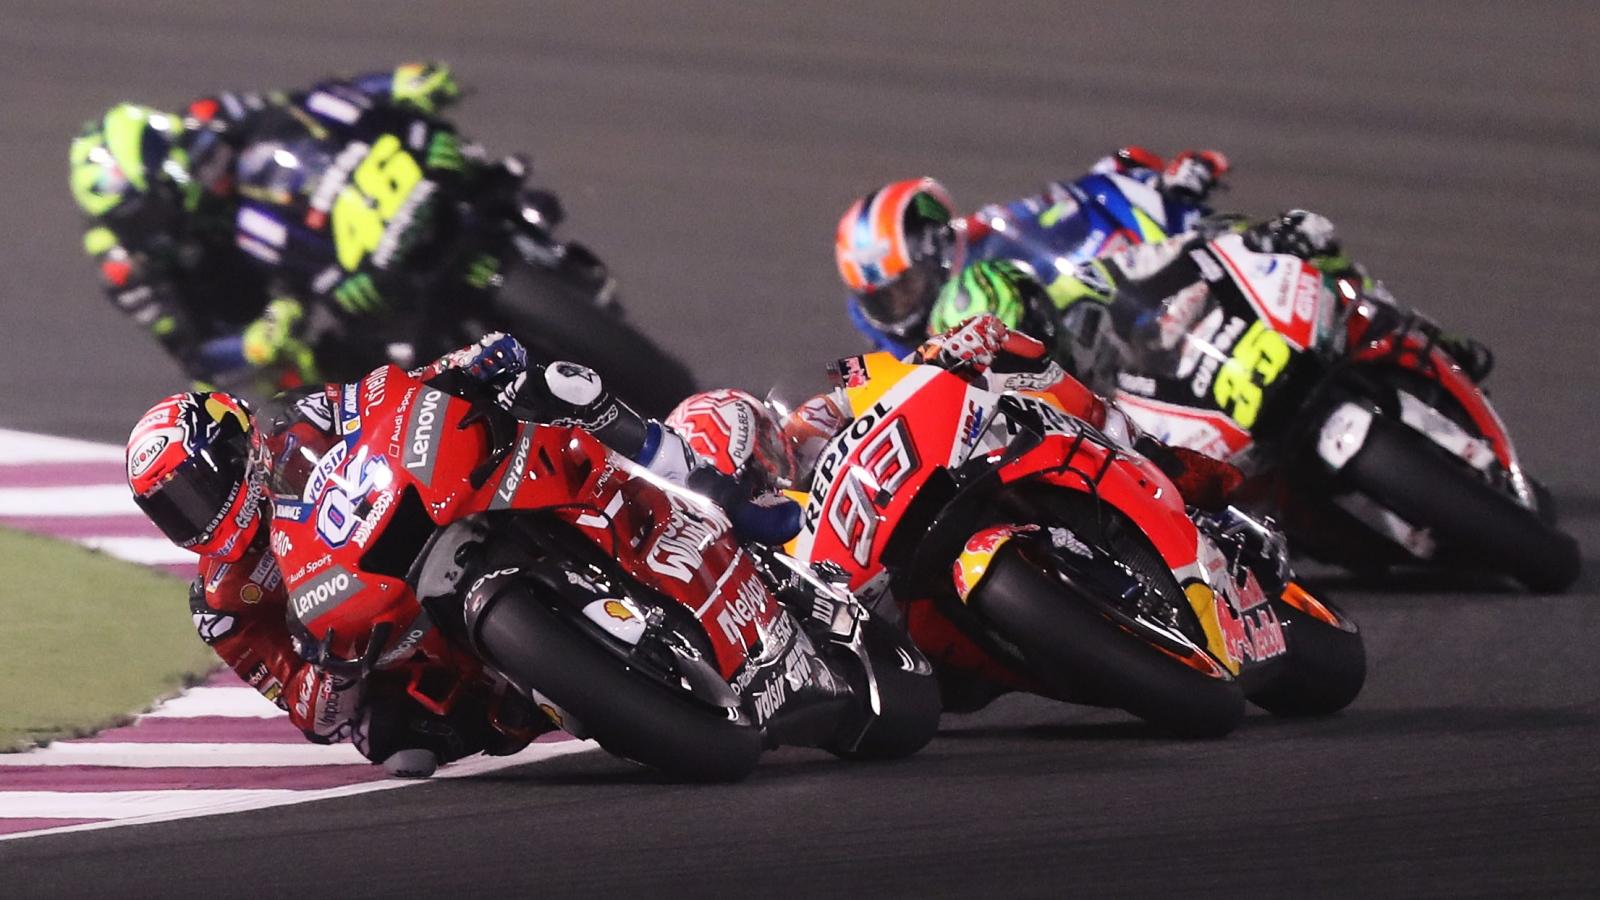 MotoGP, del pozo del aburrimiento a la cima del espectáculo en una década